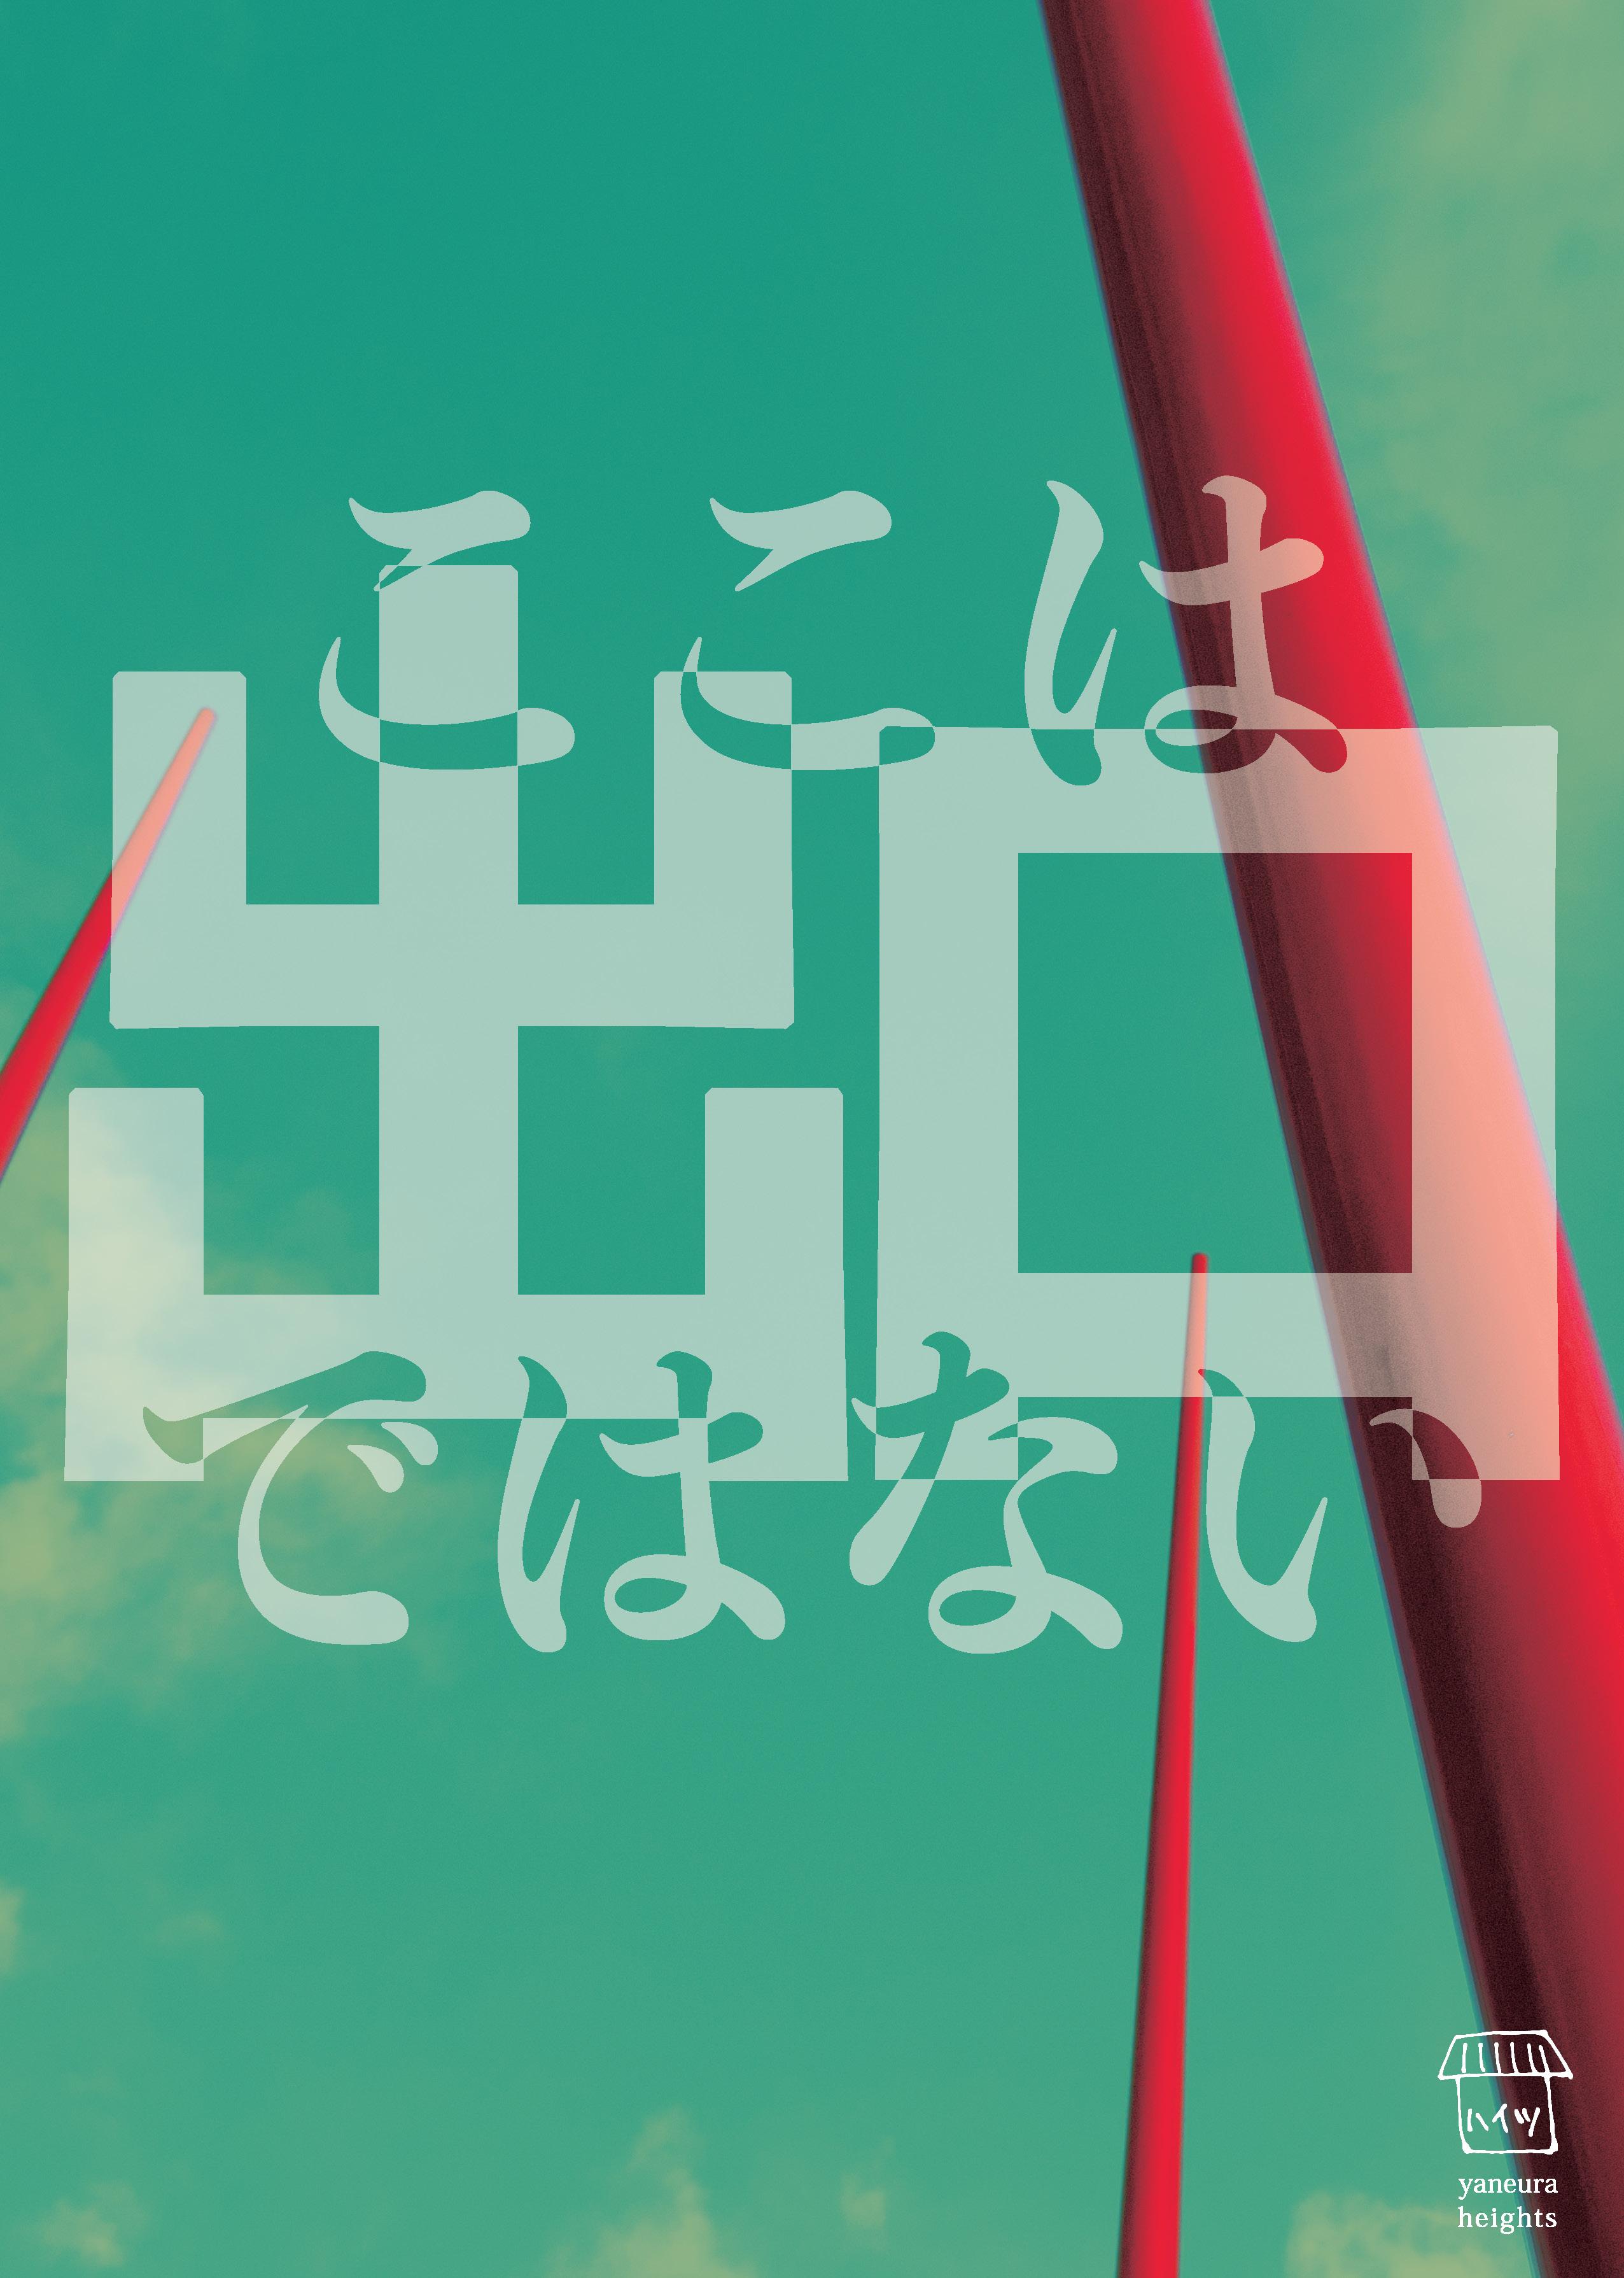 屋根裏ハイツ5F 『ここは出口ではない』横浜公演 12/22m